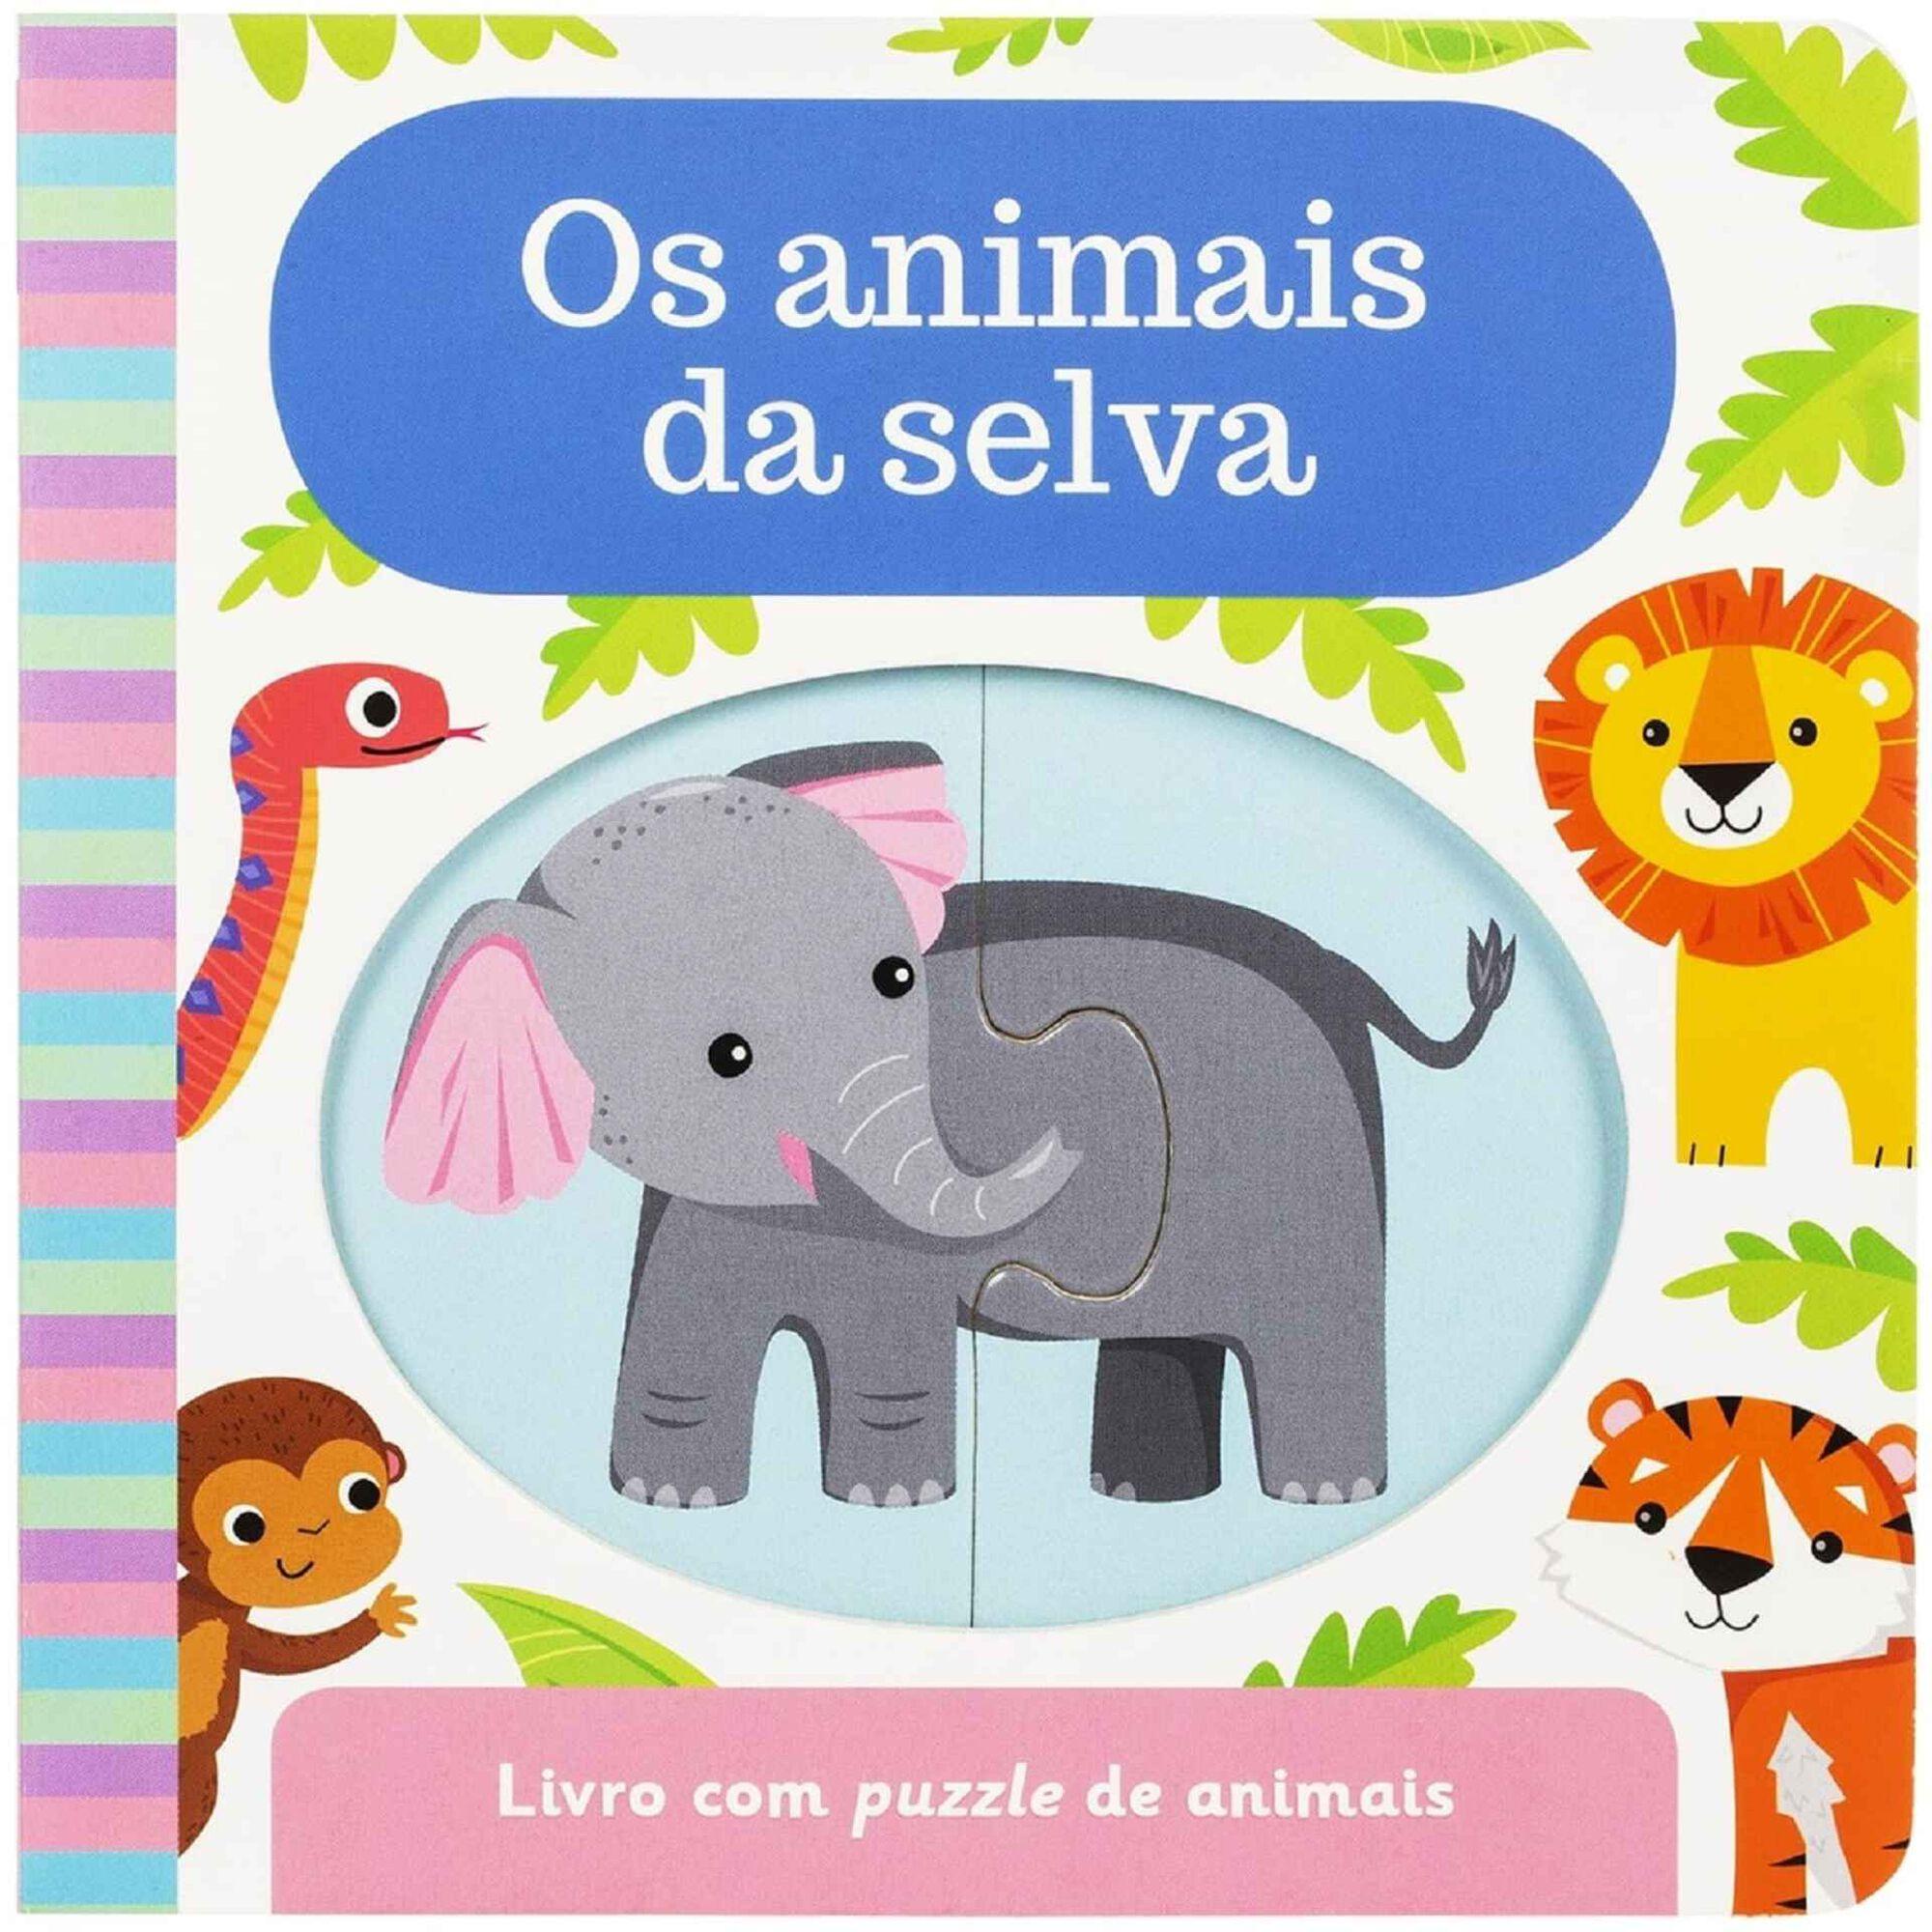 Livro Puzzle - Os Animais da Selva